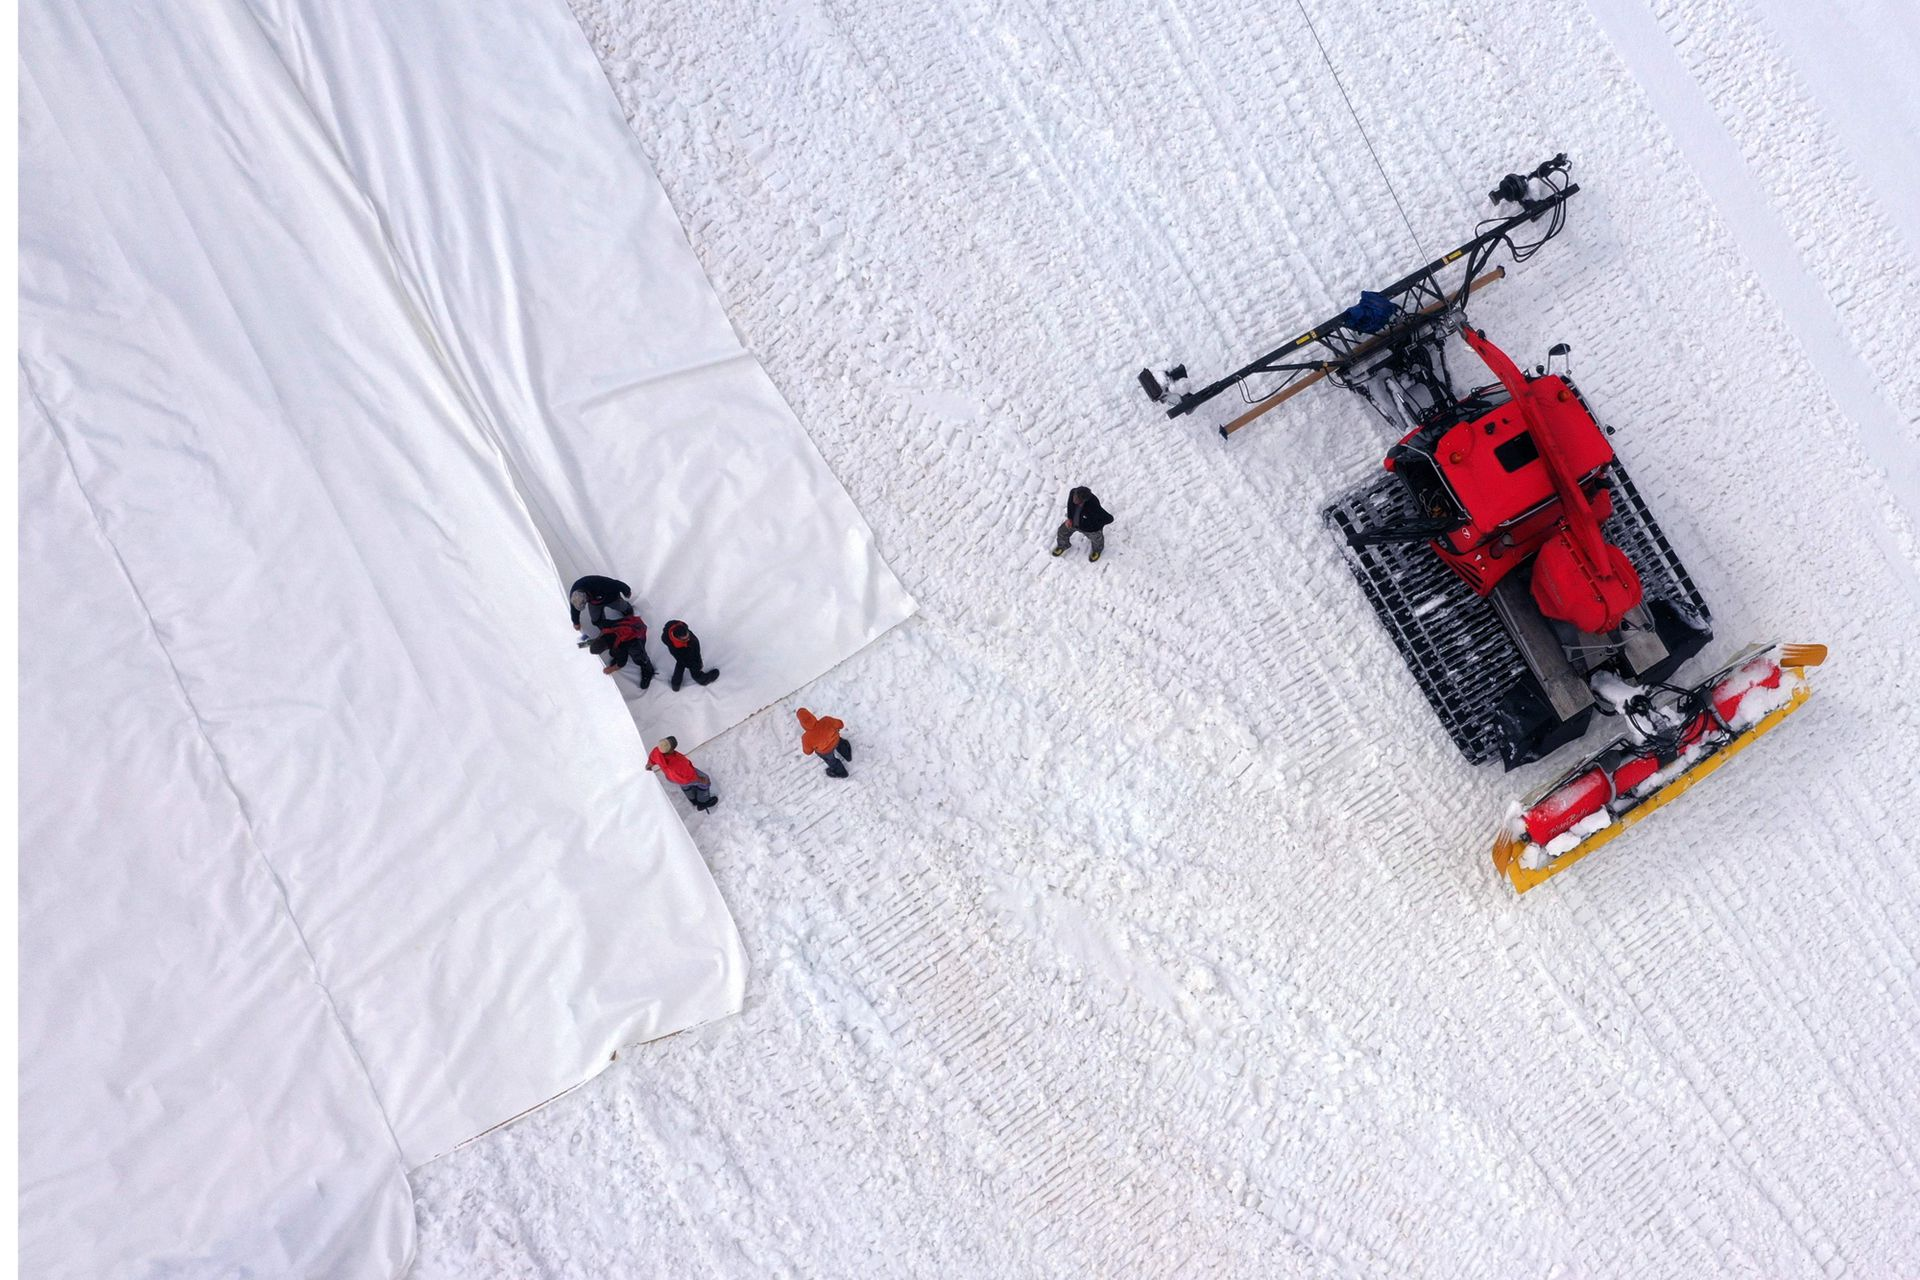 """Hay experiencias similares en los glaciares austriacos pero en superficies más pequeñas. Franco Del Pero, 48 años, dirige en el terreno la operación, """"Cuando lo retiramos en septiembre, y que nos damos cuenta del buen trabajo, estoy orgullo"""", sonríe."""